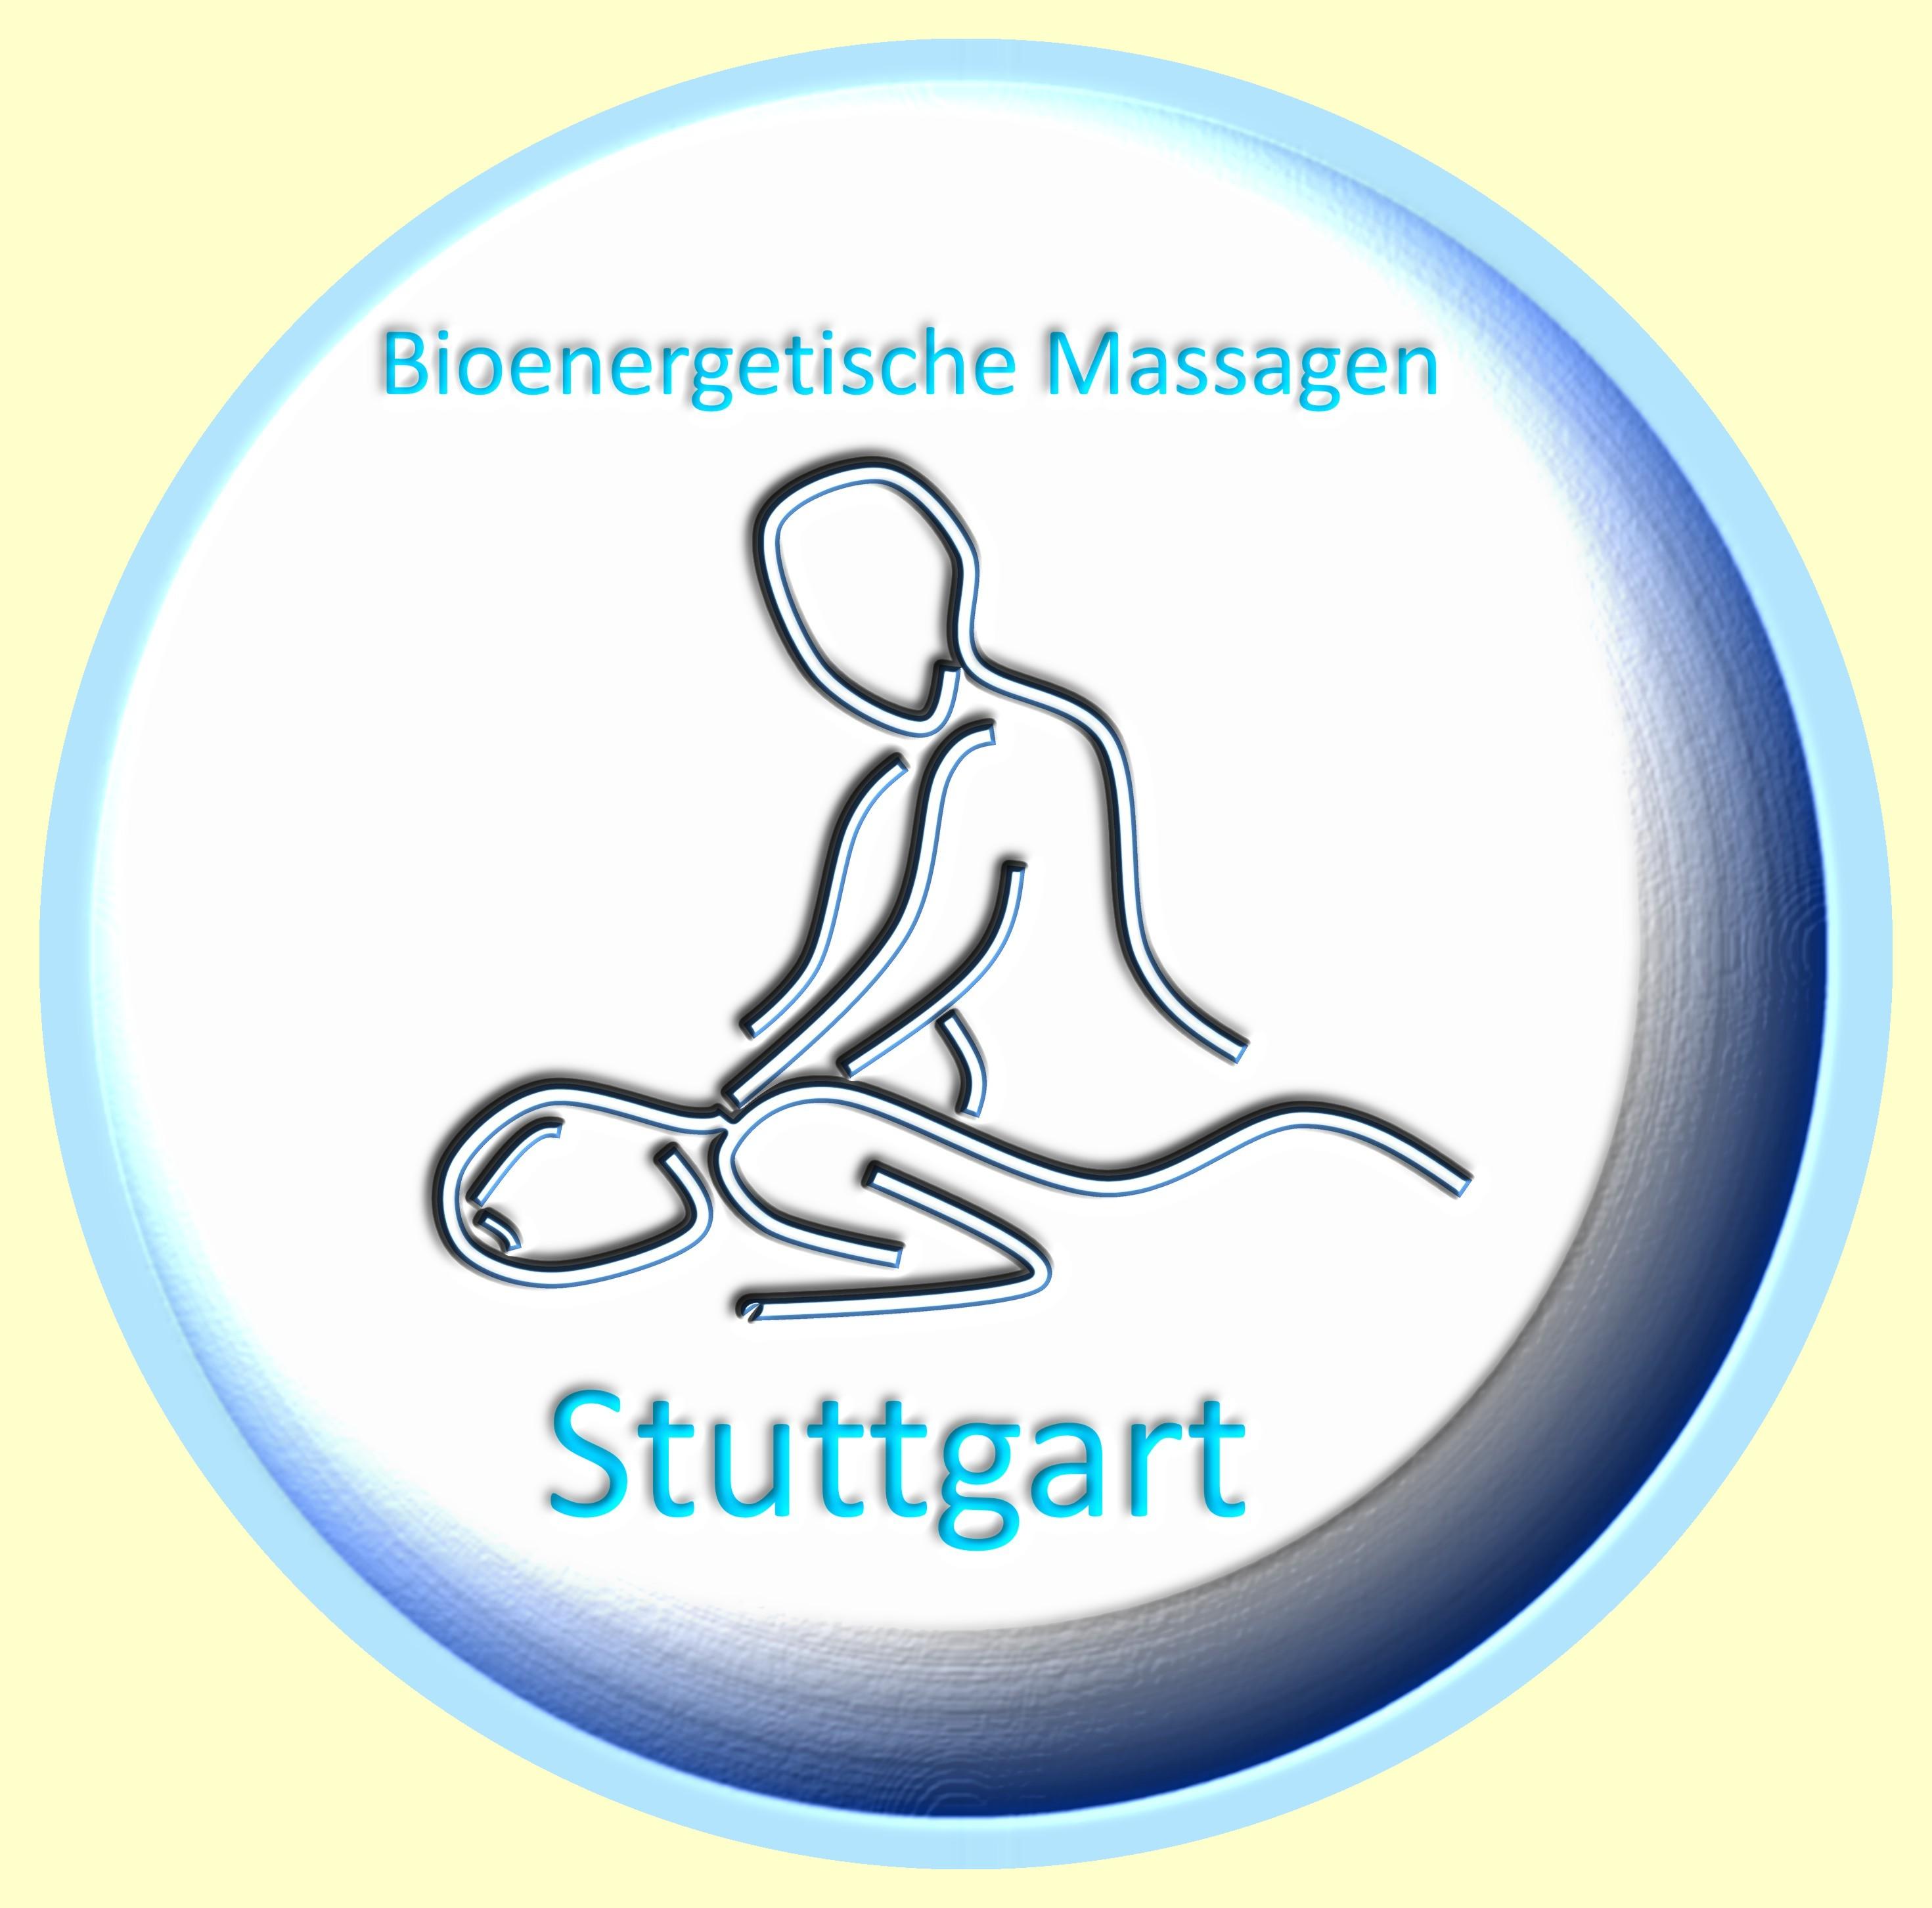 Massagepraxis Bioenergetische & Wellnessmassagen